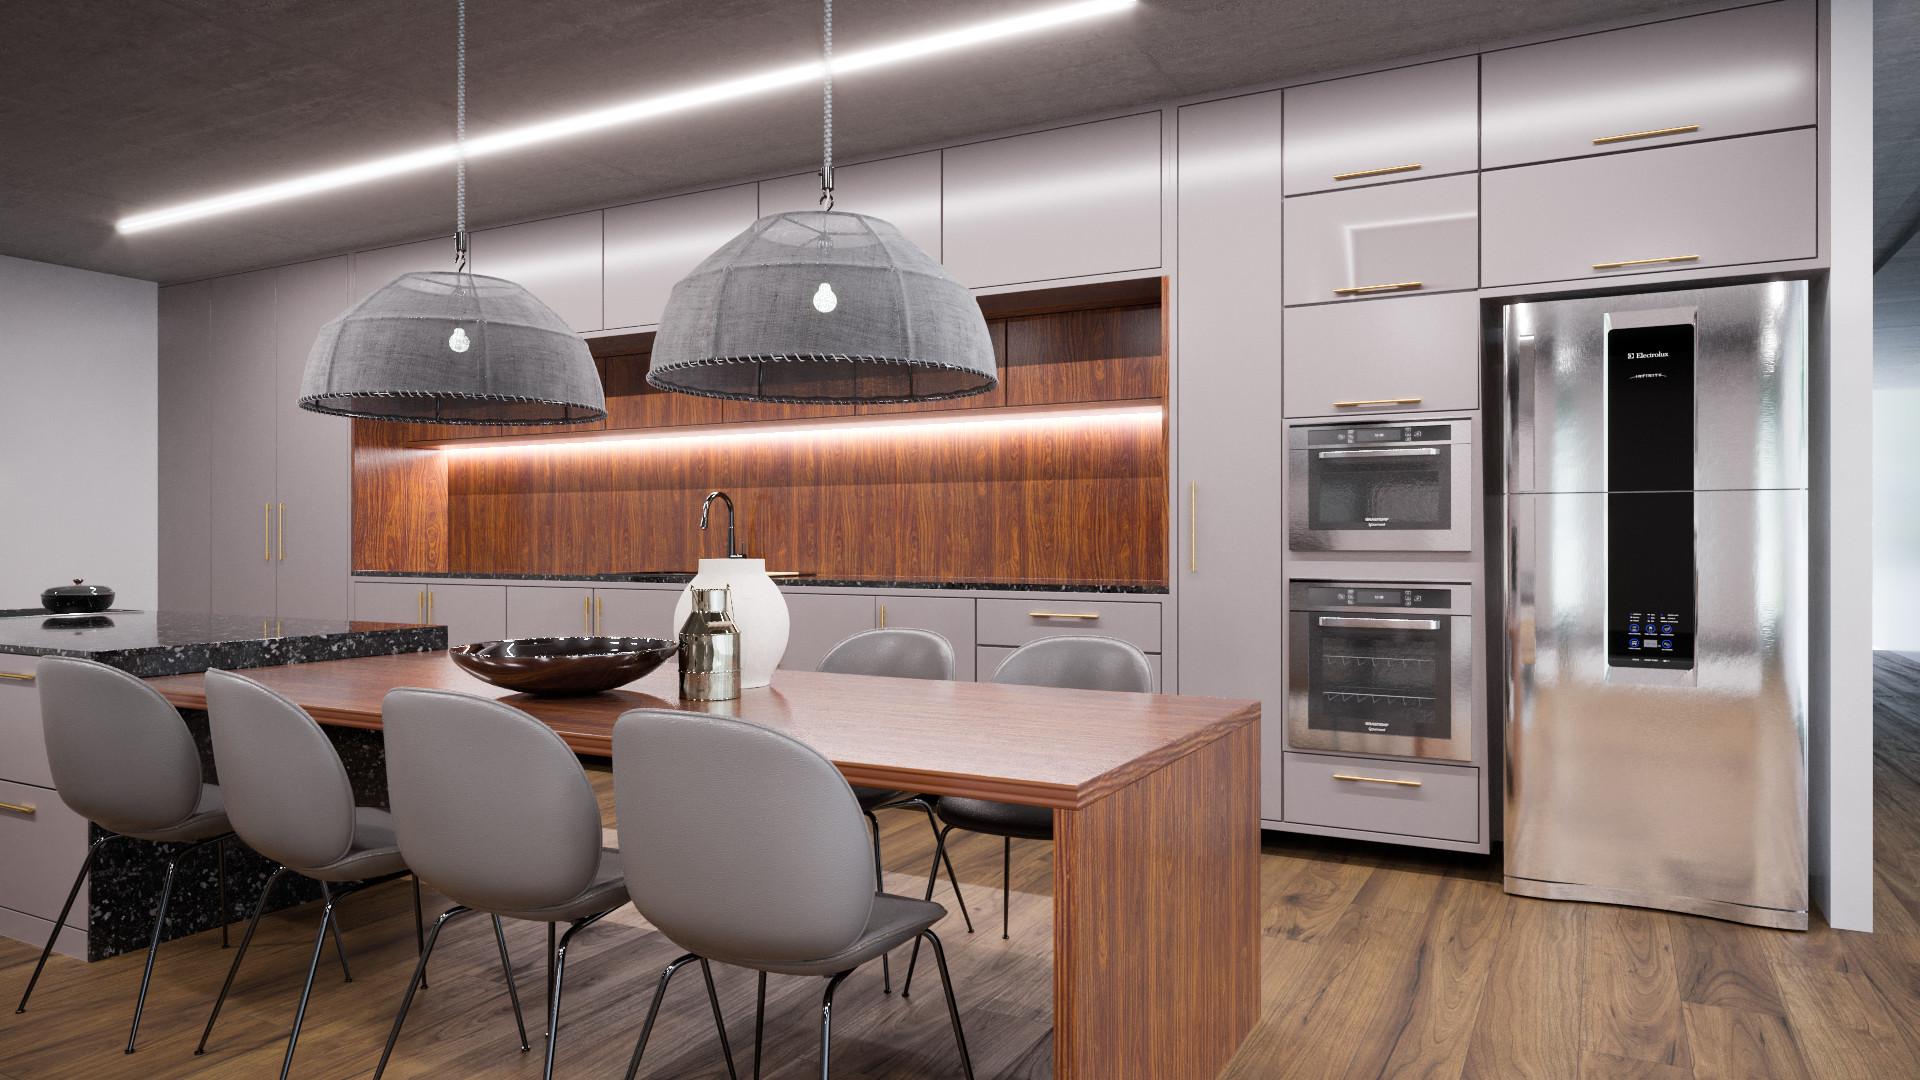 cozinha com ilha origens 2022